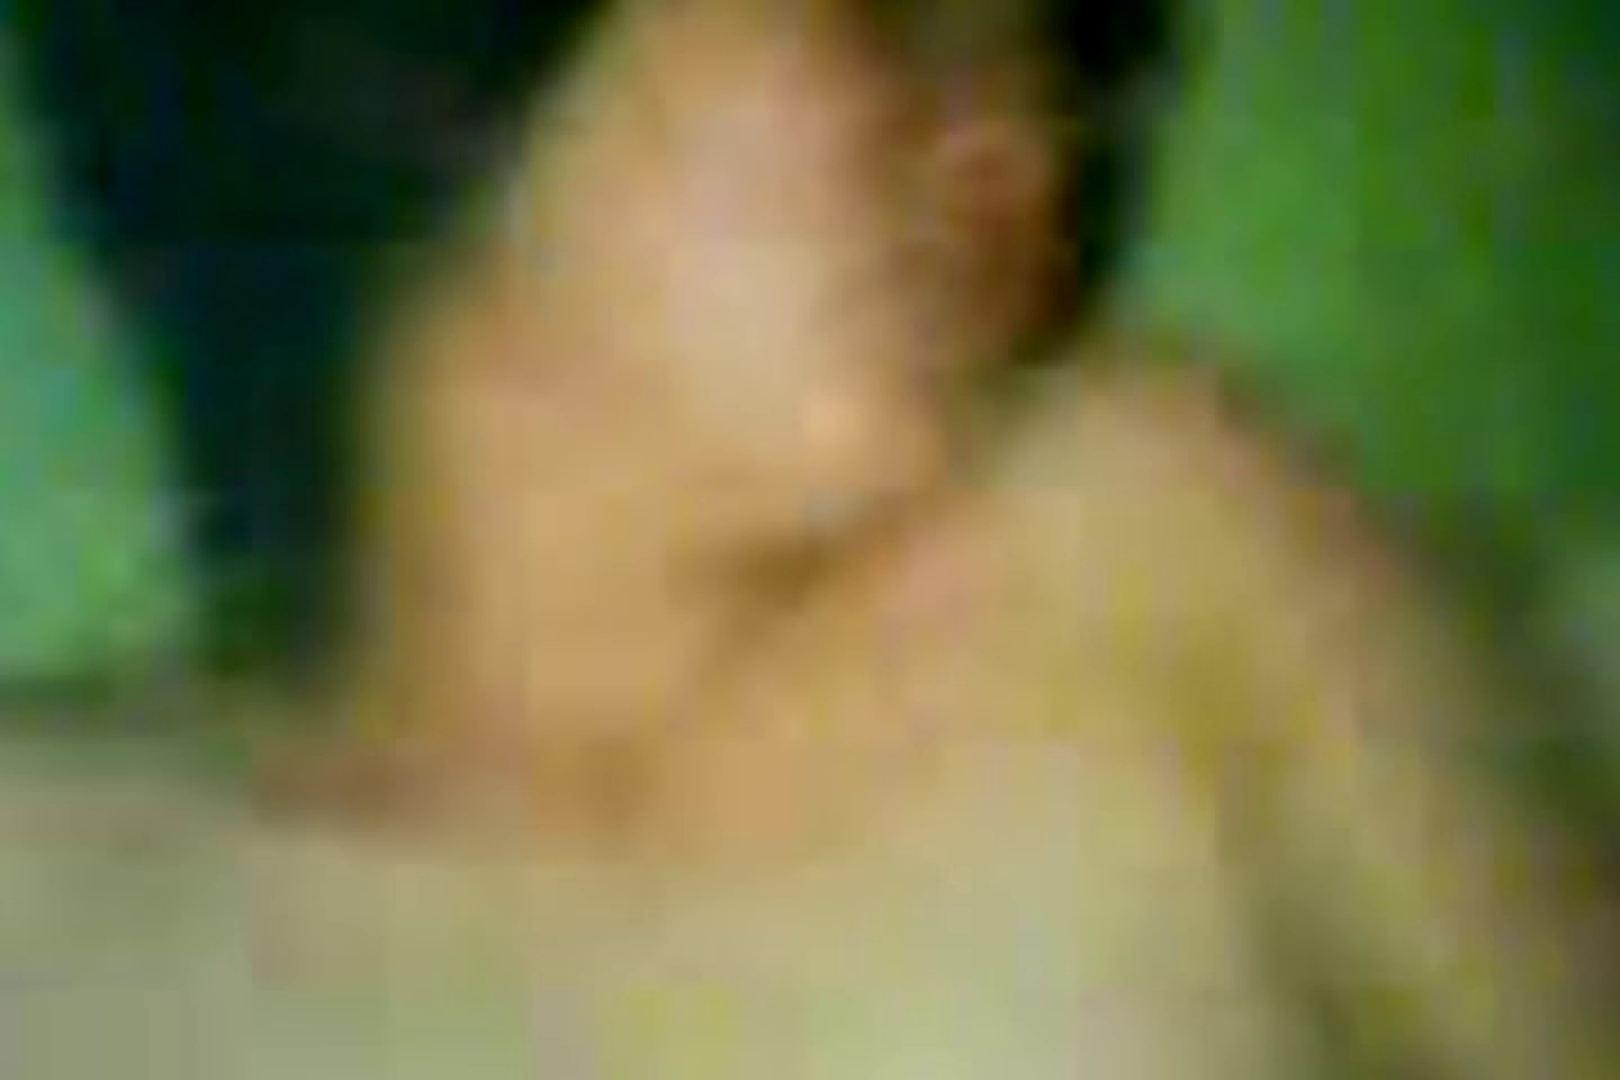 ウイルス流出 串田良祐と小学校教諭のハメ撮りアルバム 学校 | 卑猥  92pic 57